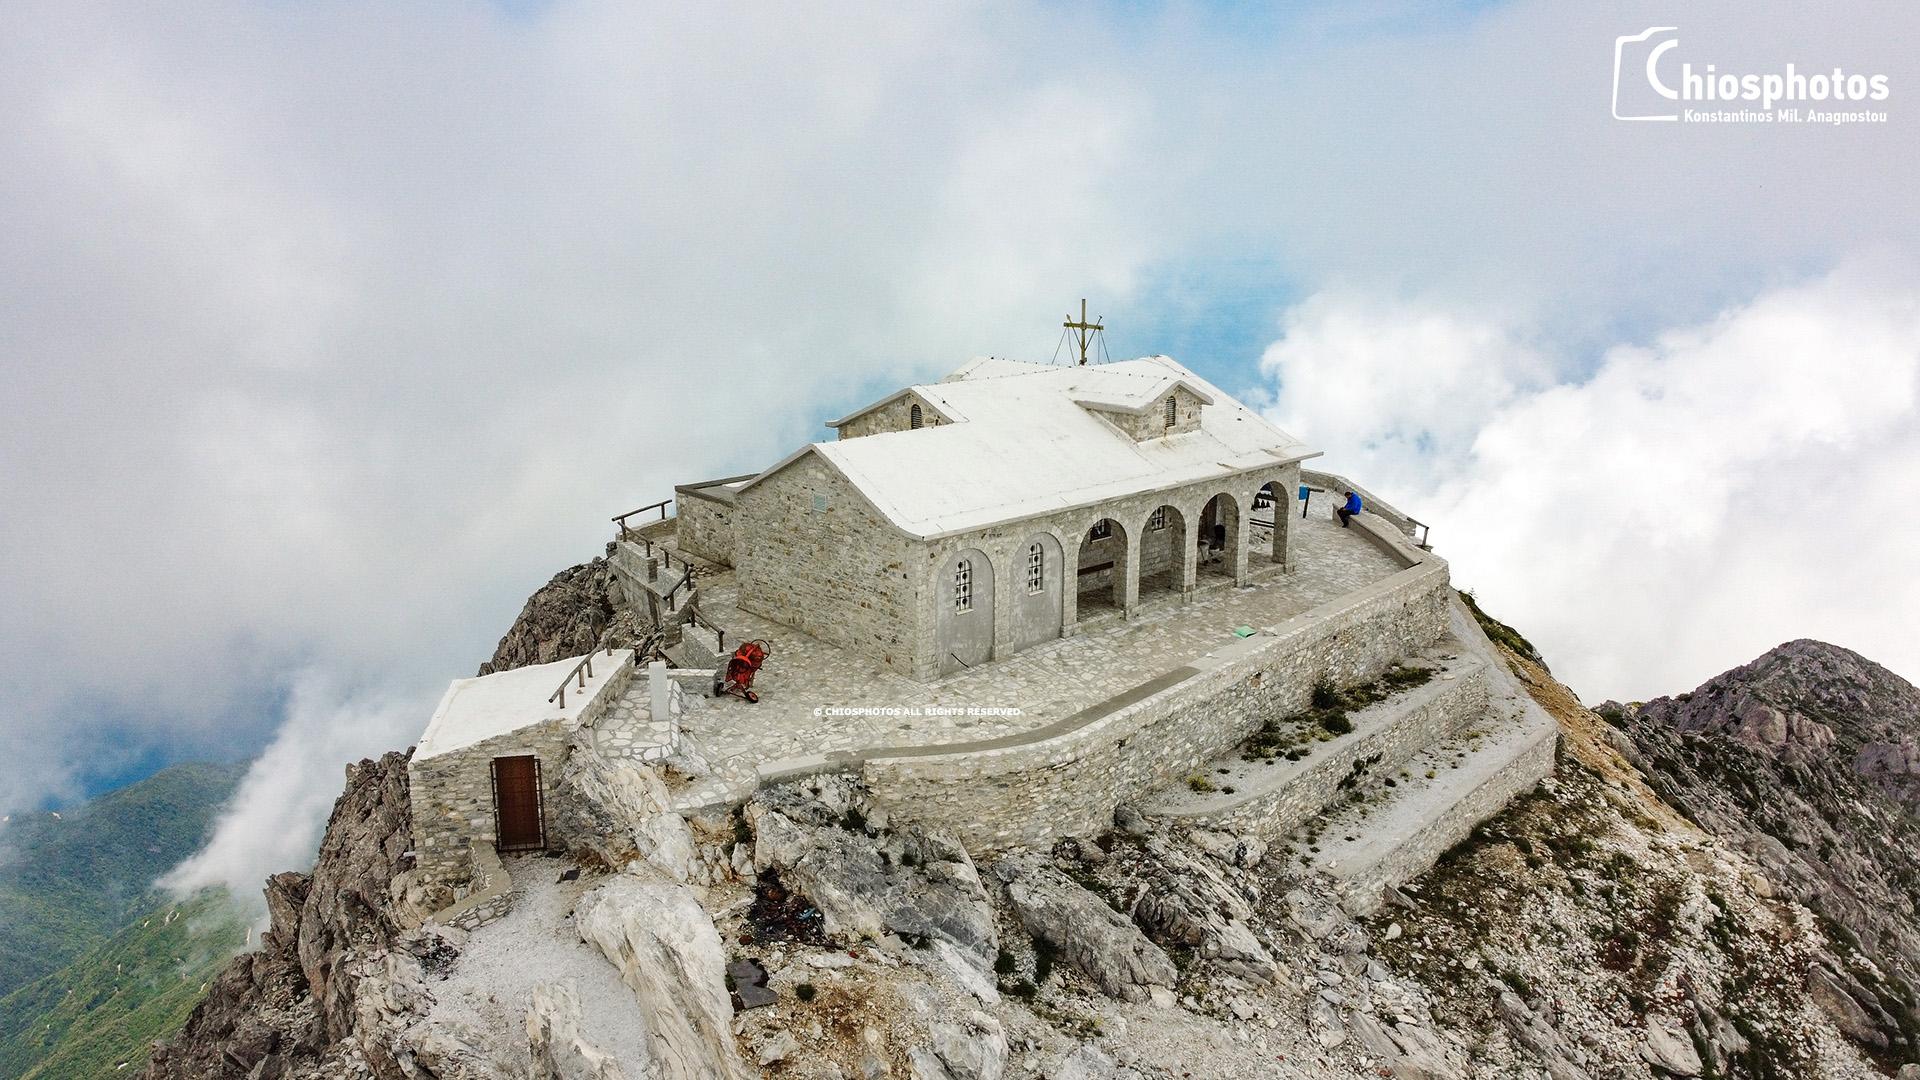 Άγιο Όρος: Πτήση που καθηλώνει – Drone μας ταξιδεύει στην κορυφή του όρους Άθωνα στα 2.000 μέτρα